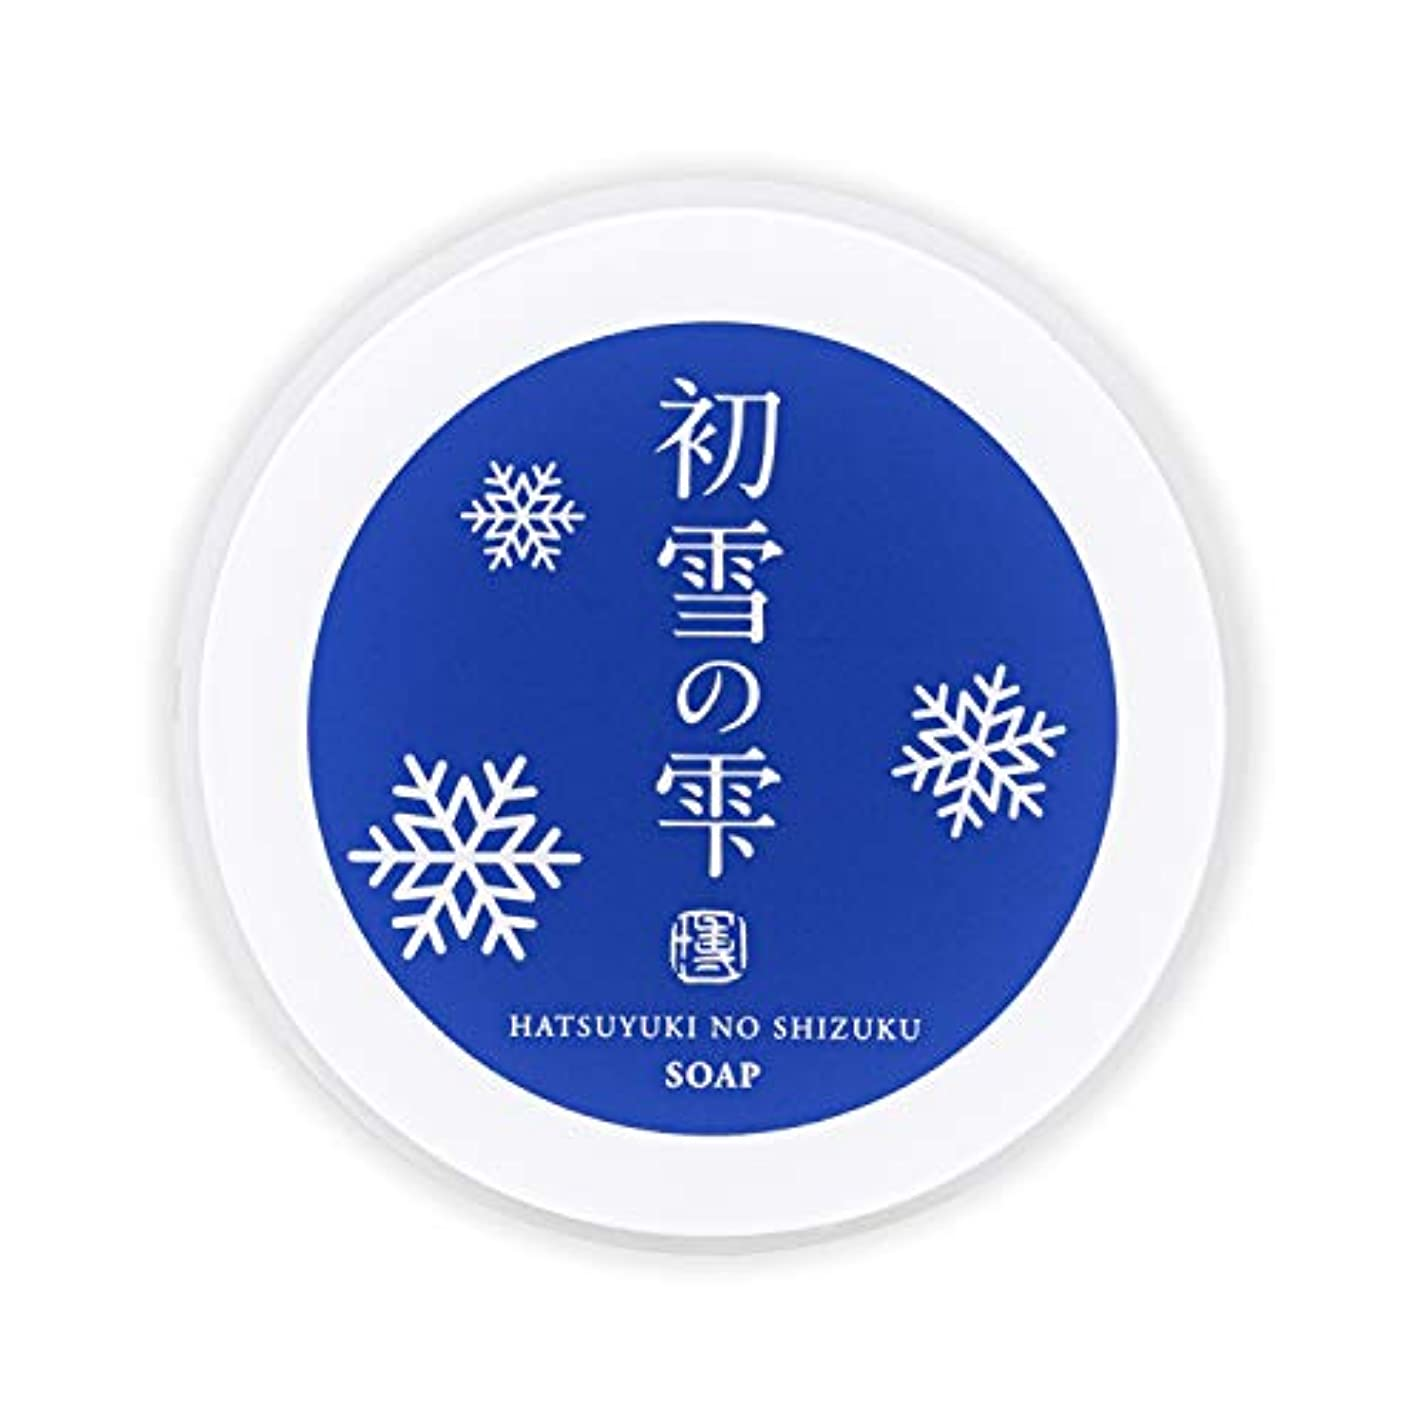 定常農業十一初雪の雫 洗顔 練り せっけん ジャータイプ 34g [アミノ酸 ヒアルロン酸 プラセンタエキス セラミド 配合]